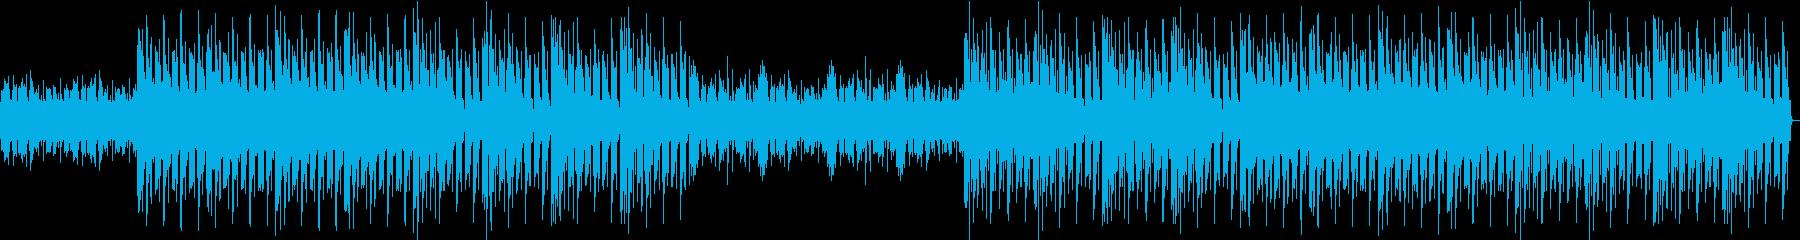 おしゃれ・空気感・EDM・透明感3の再生済みの波形